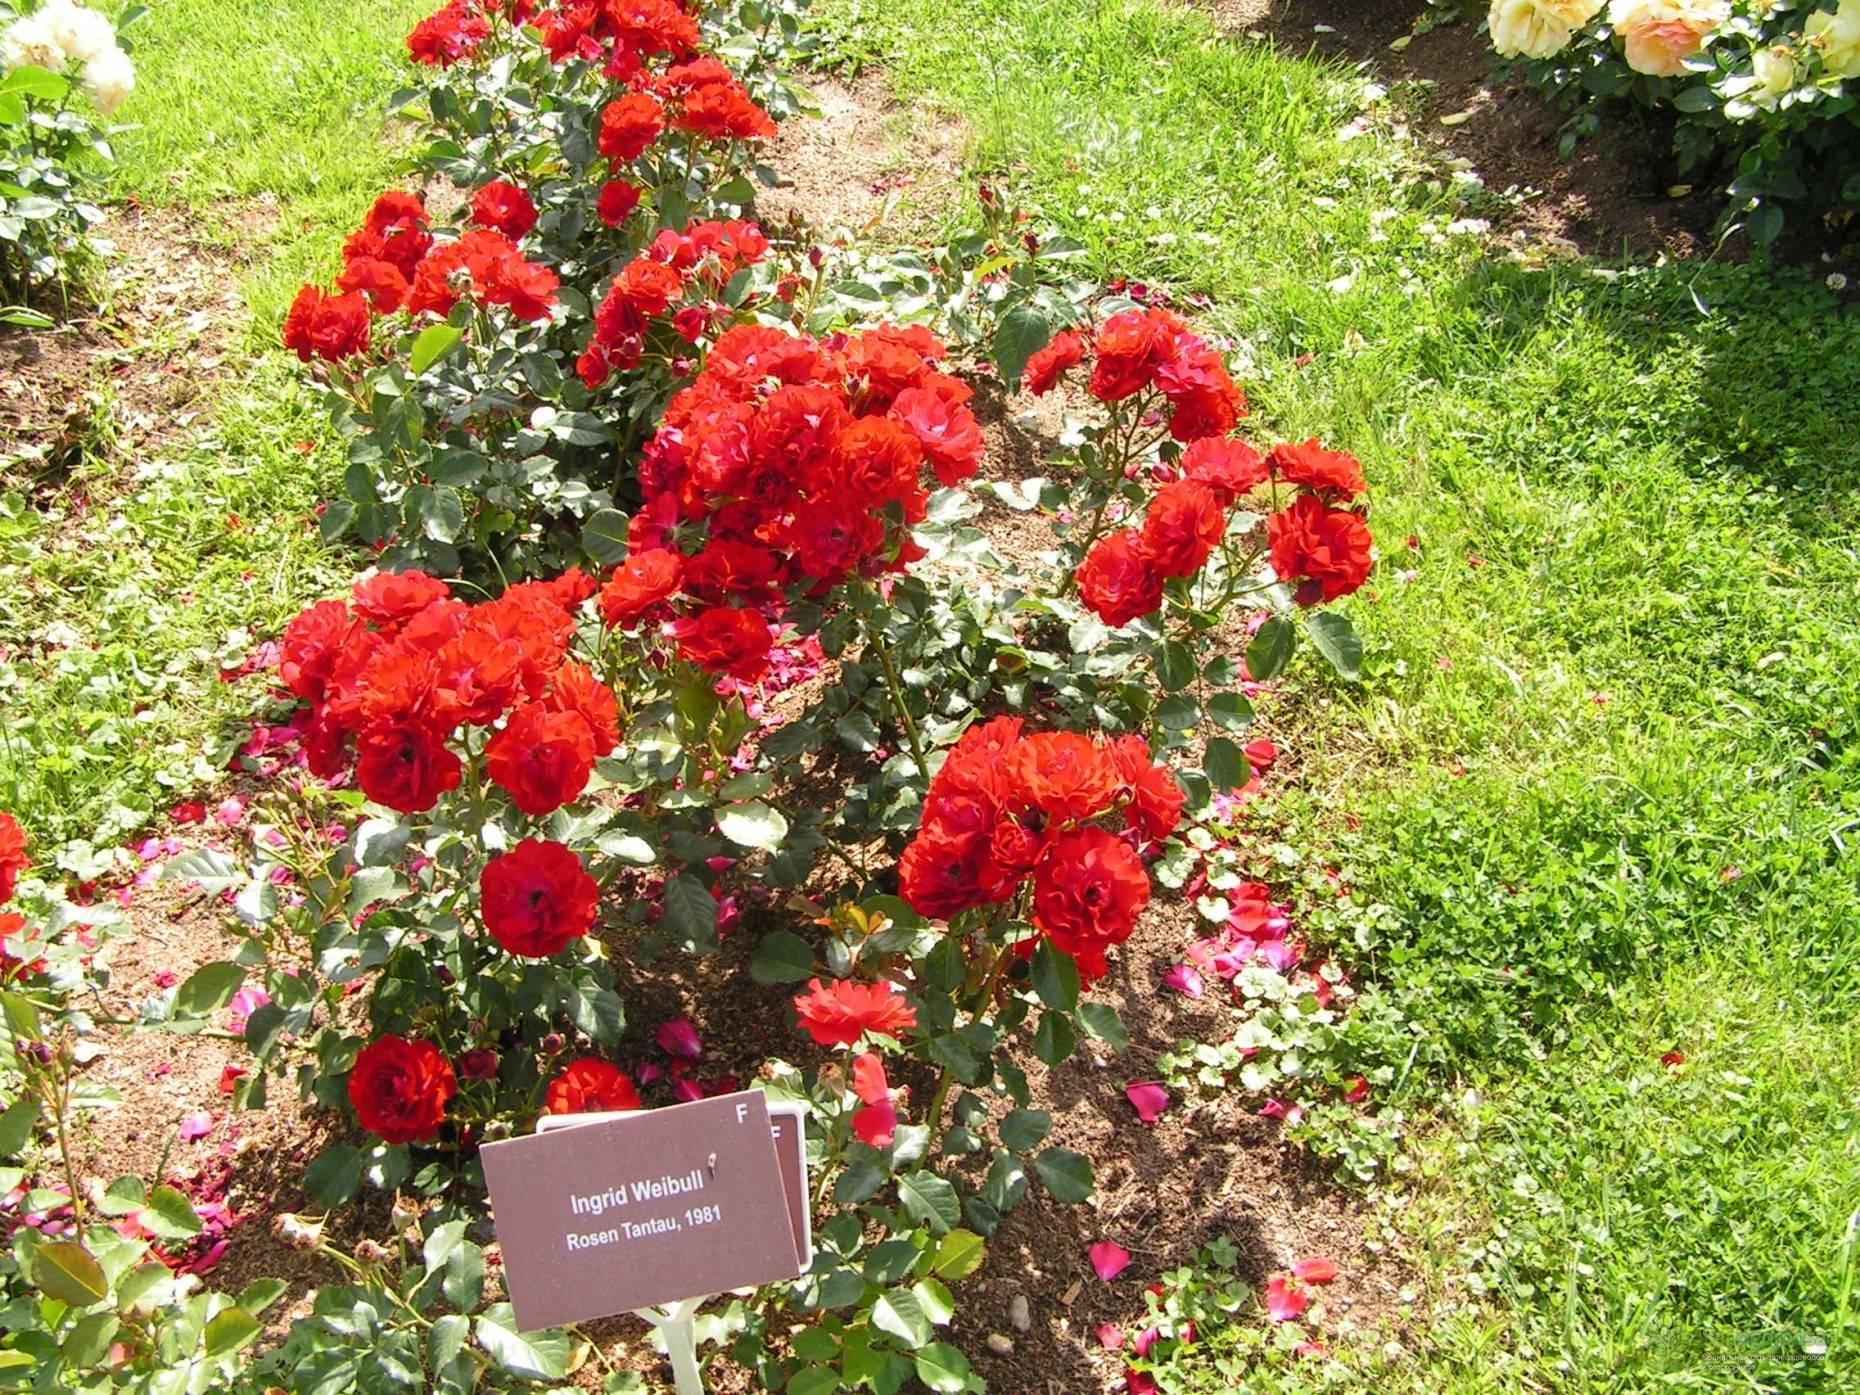 Особенности и выращивание роз сорта «нина вейбул»